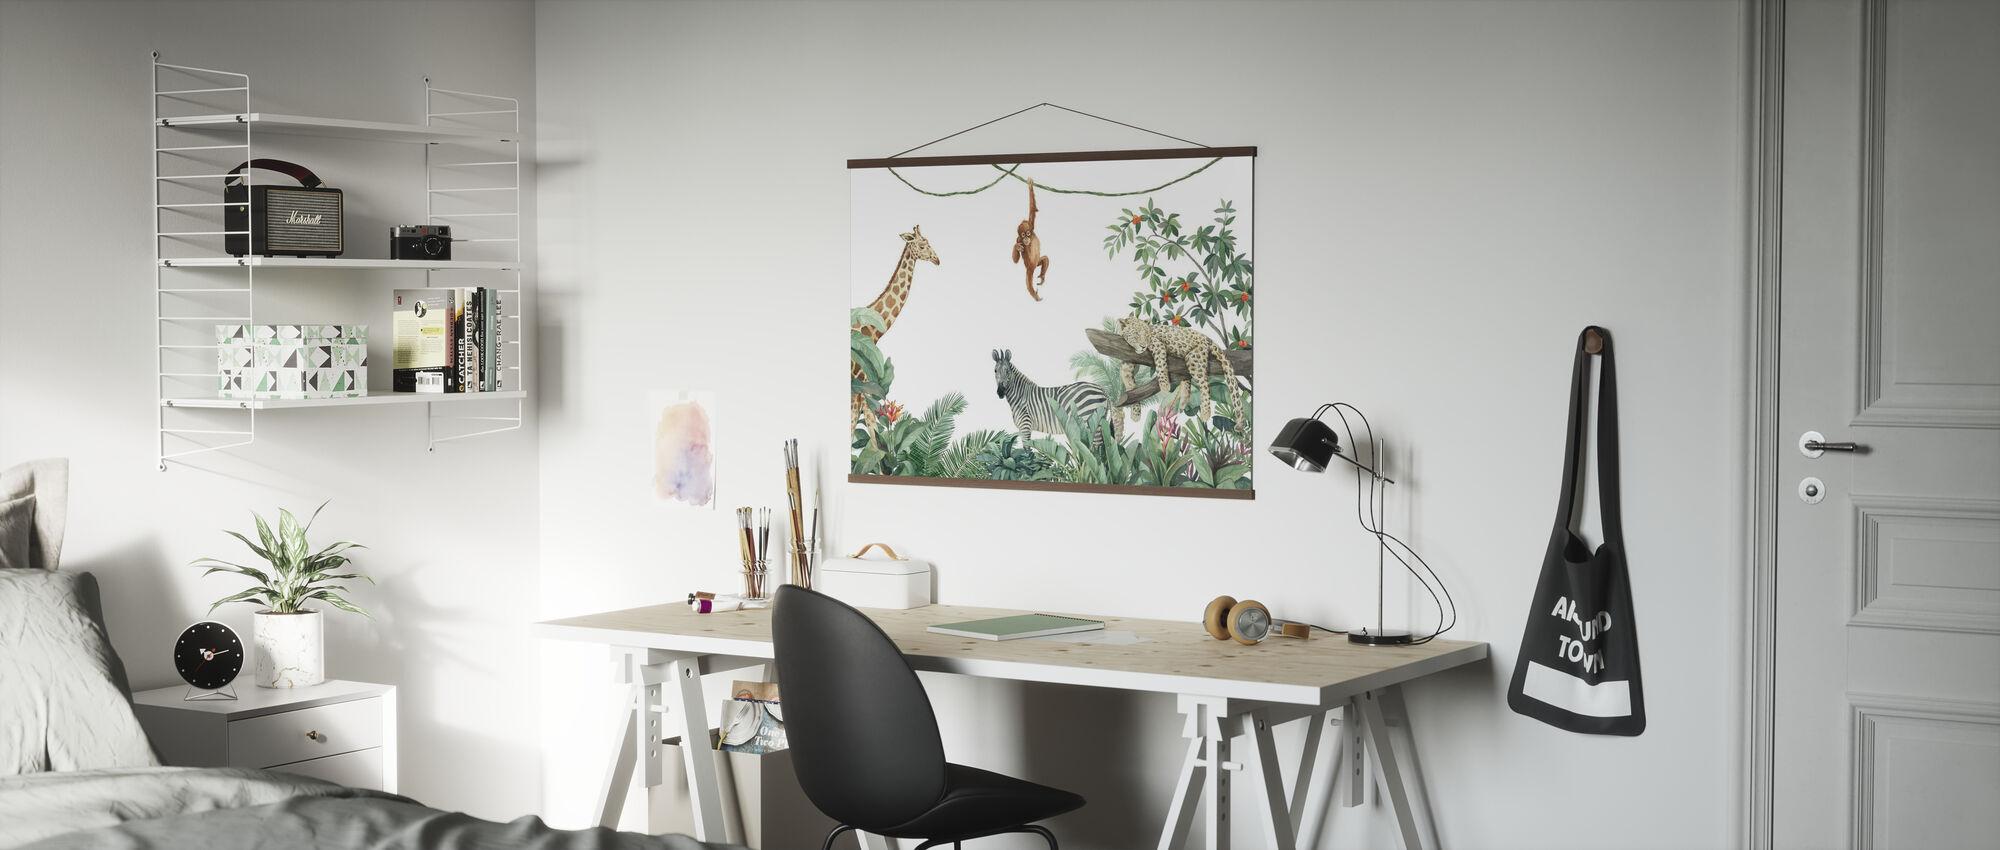 Dschungel Freunde - Poster - Büro